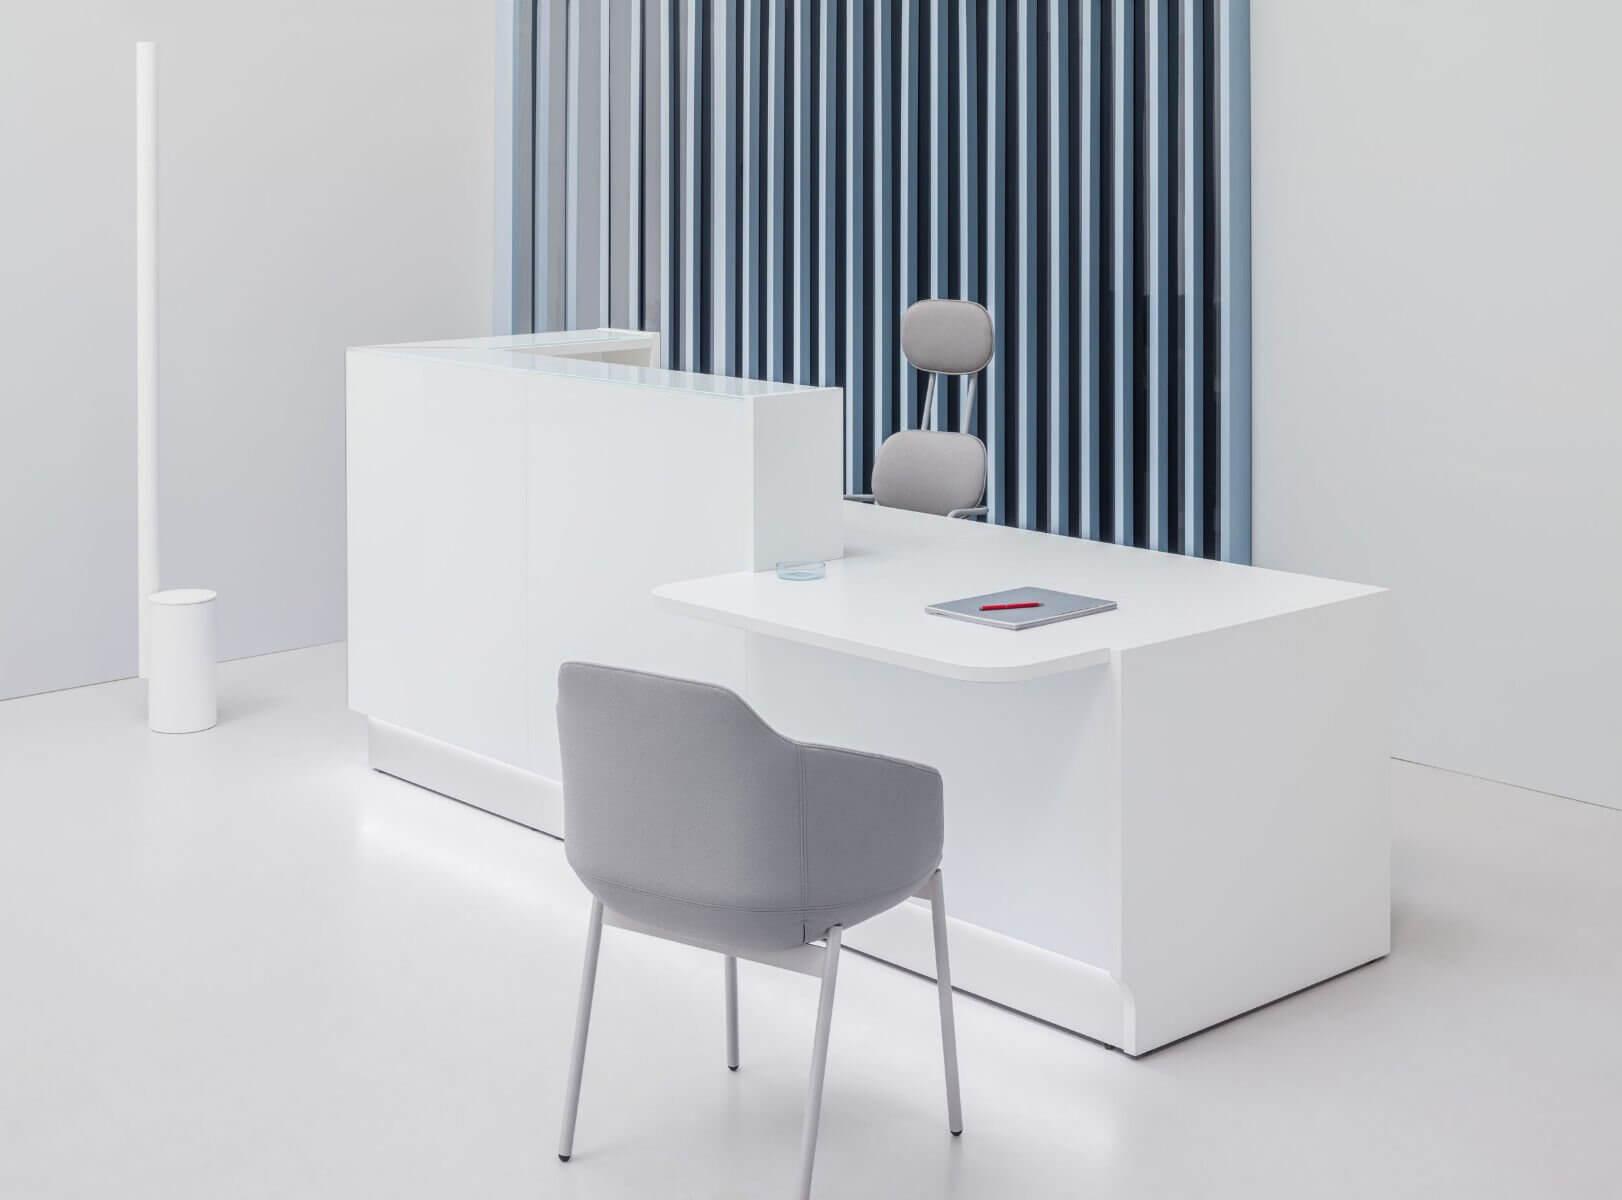 Banque d'accueil PMR coloris blanc.